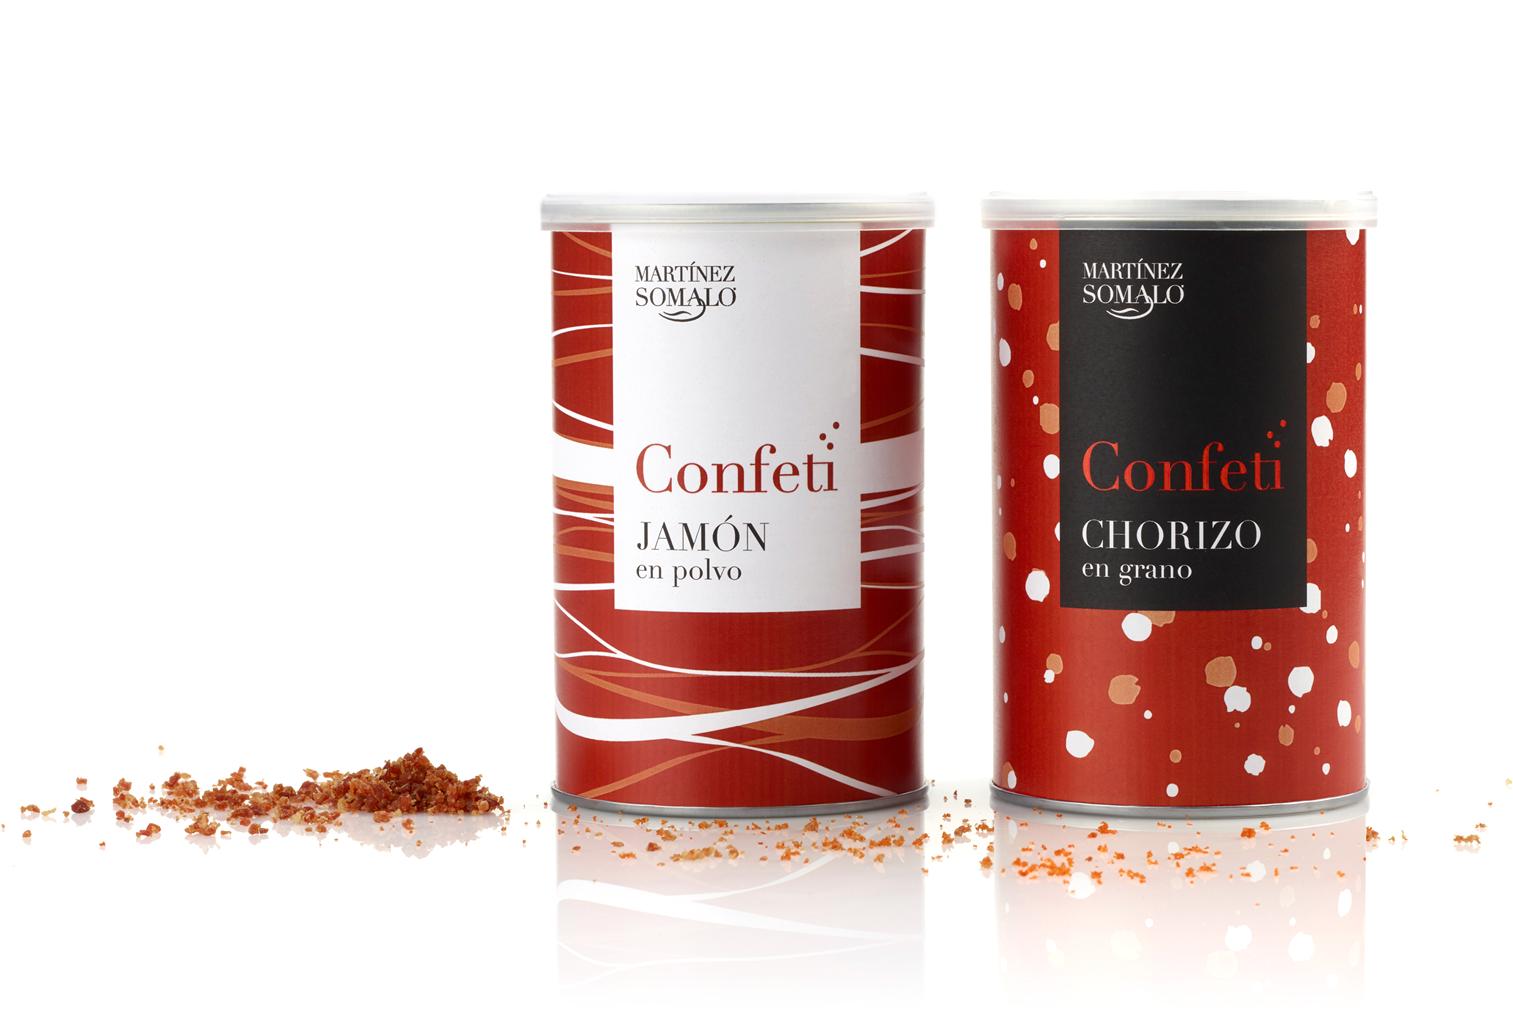 Martínez Somalo Diseño Packaging Confeti de Jamón en Polvo y Confeti de Chorizo en Grano